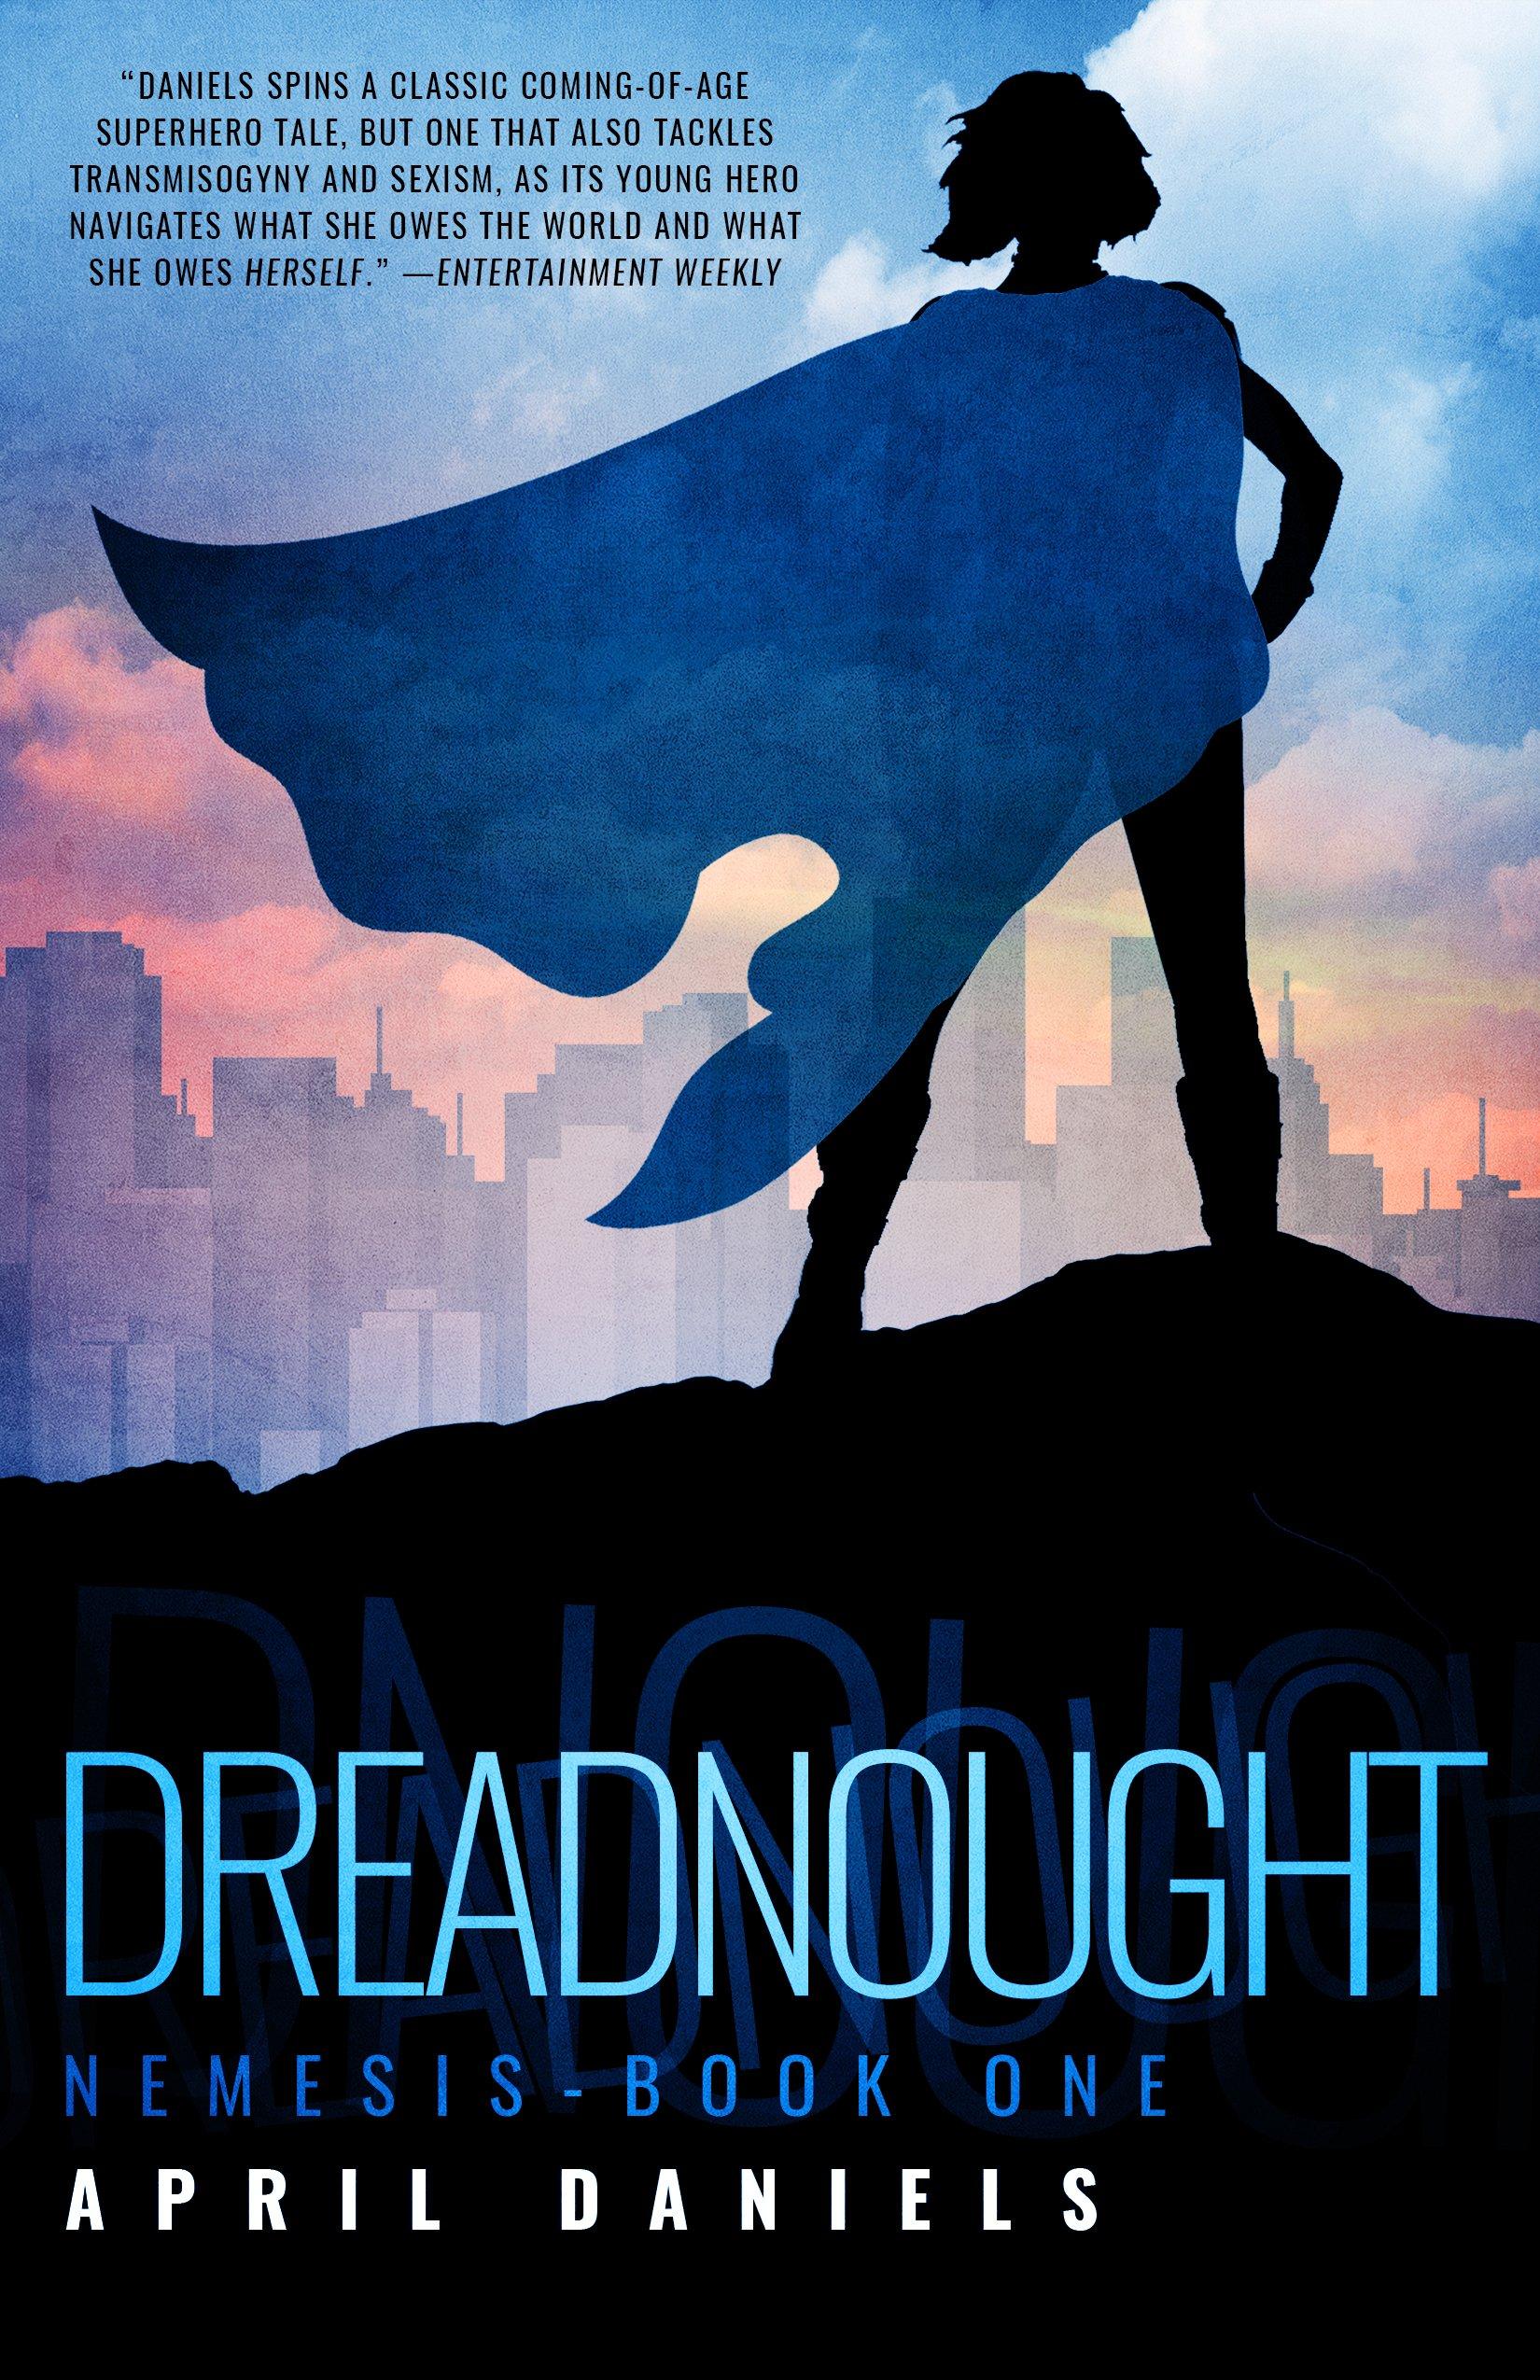 Dreadnought-cvr.jpg